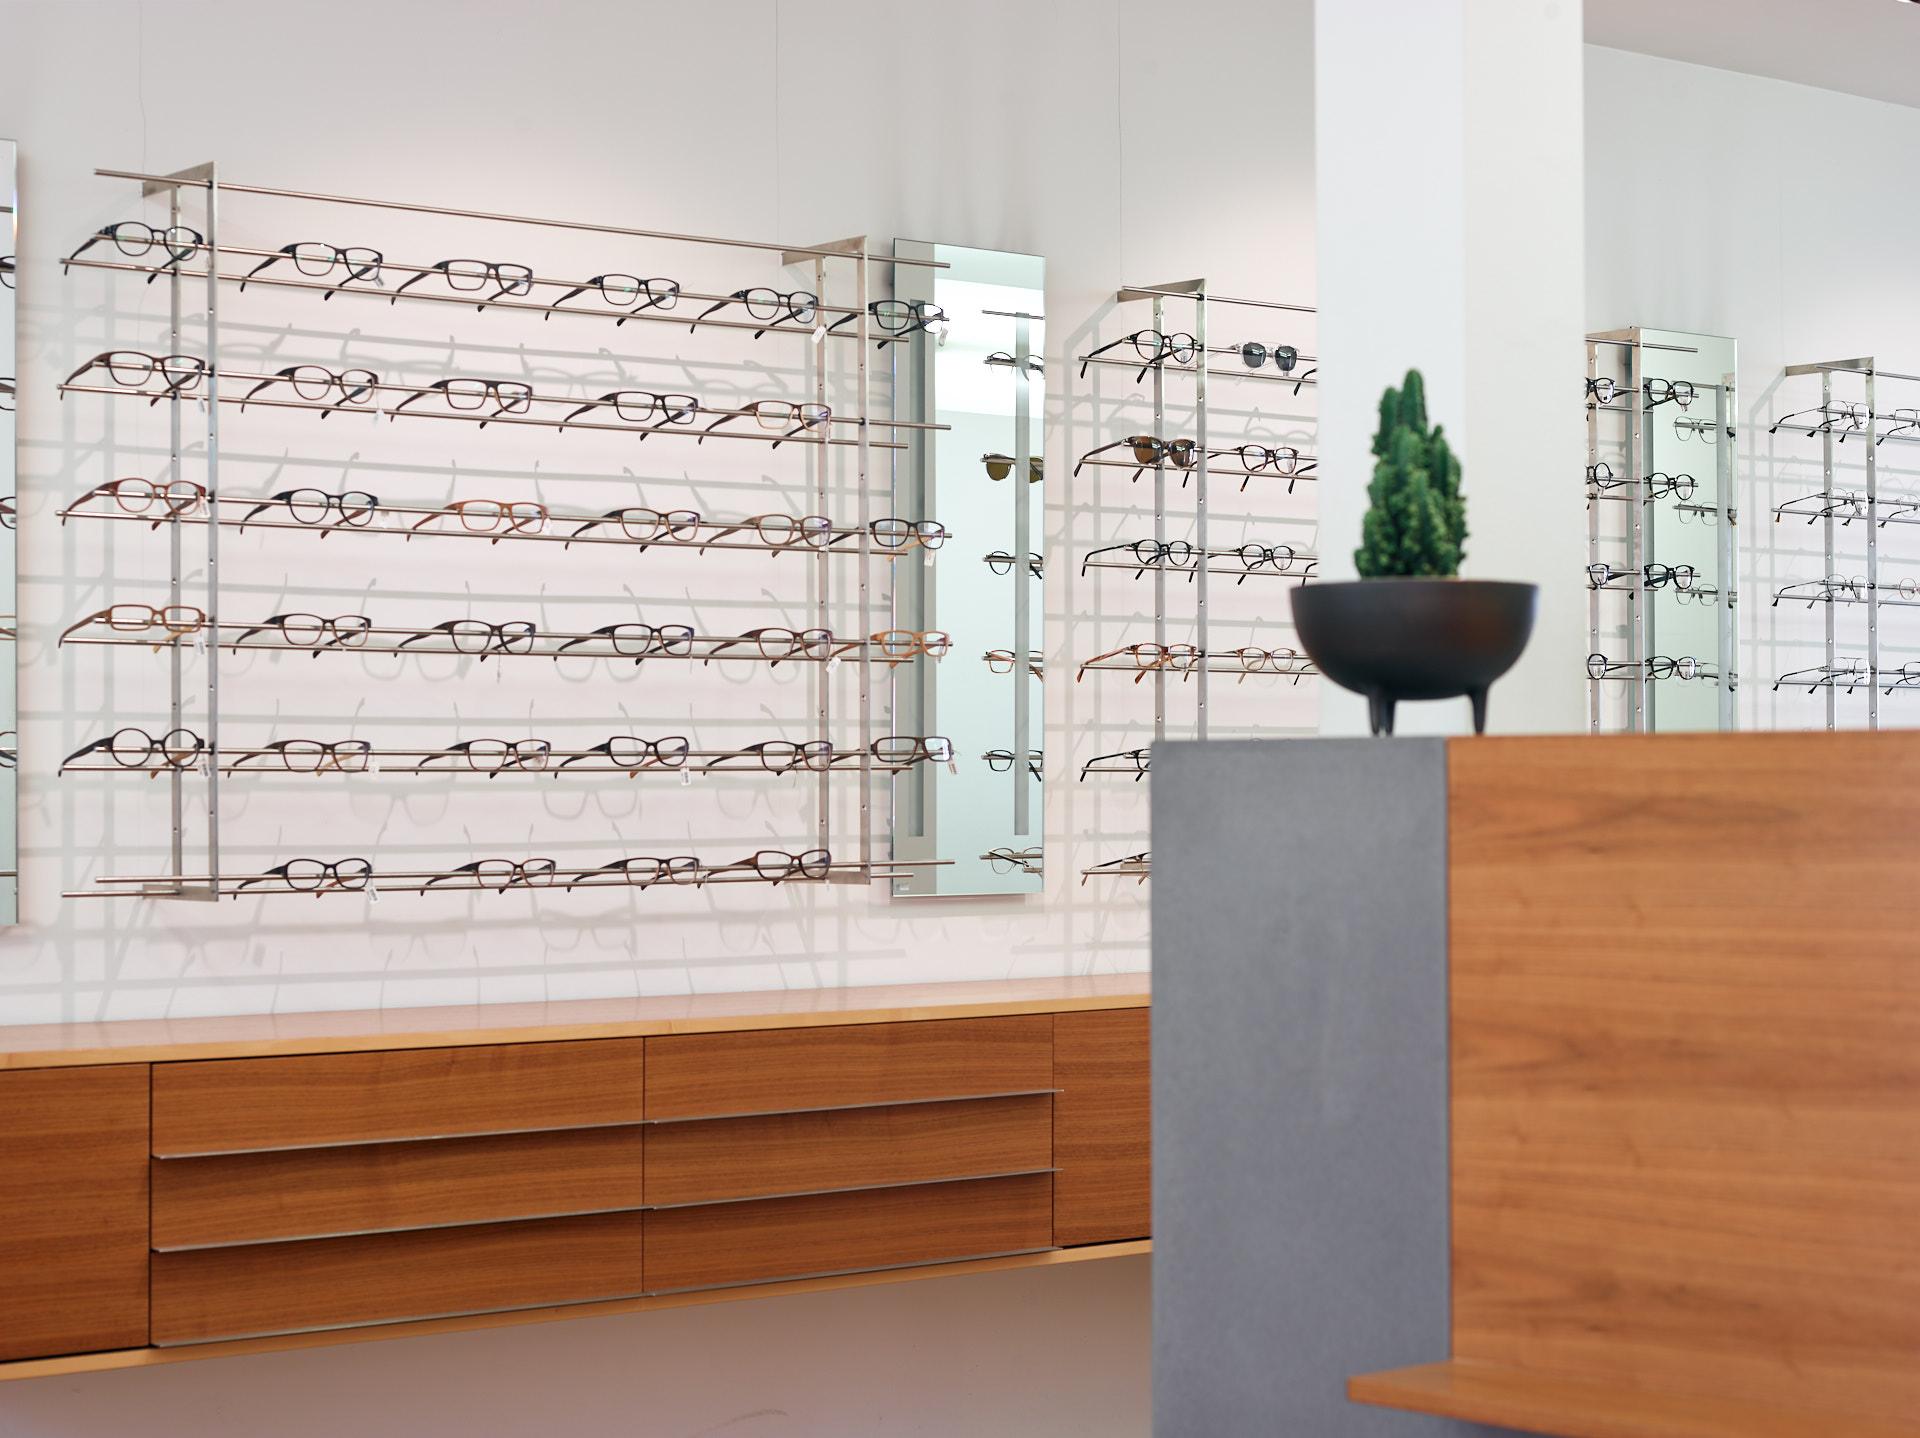 Keil-Brillen-100 1